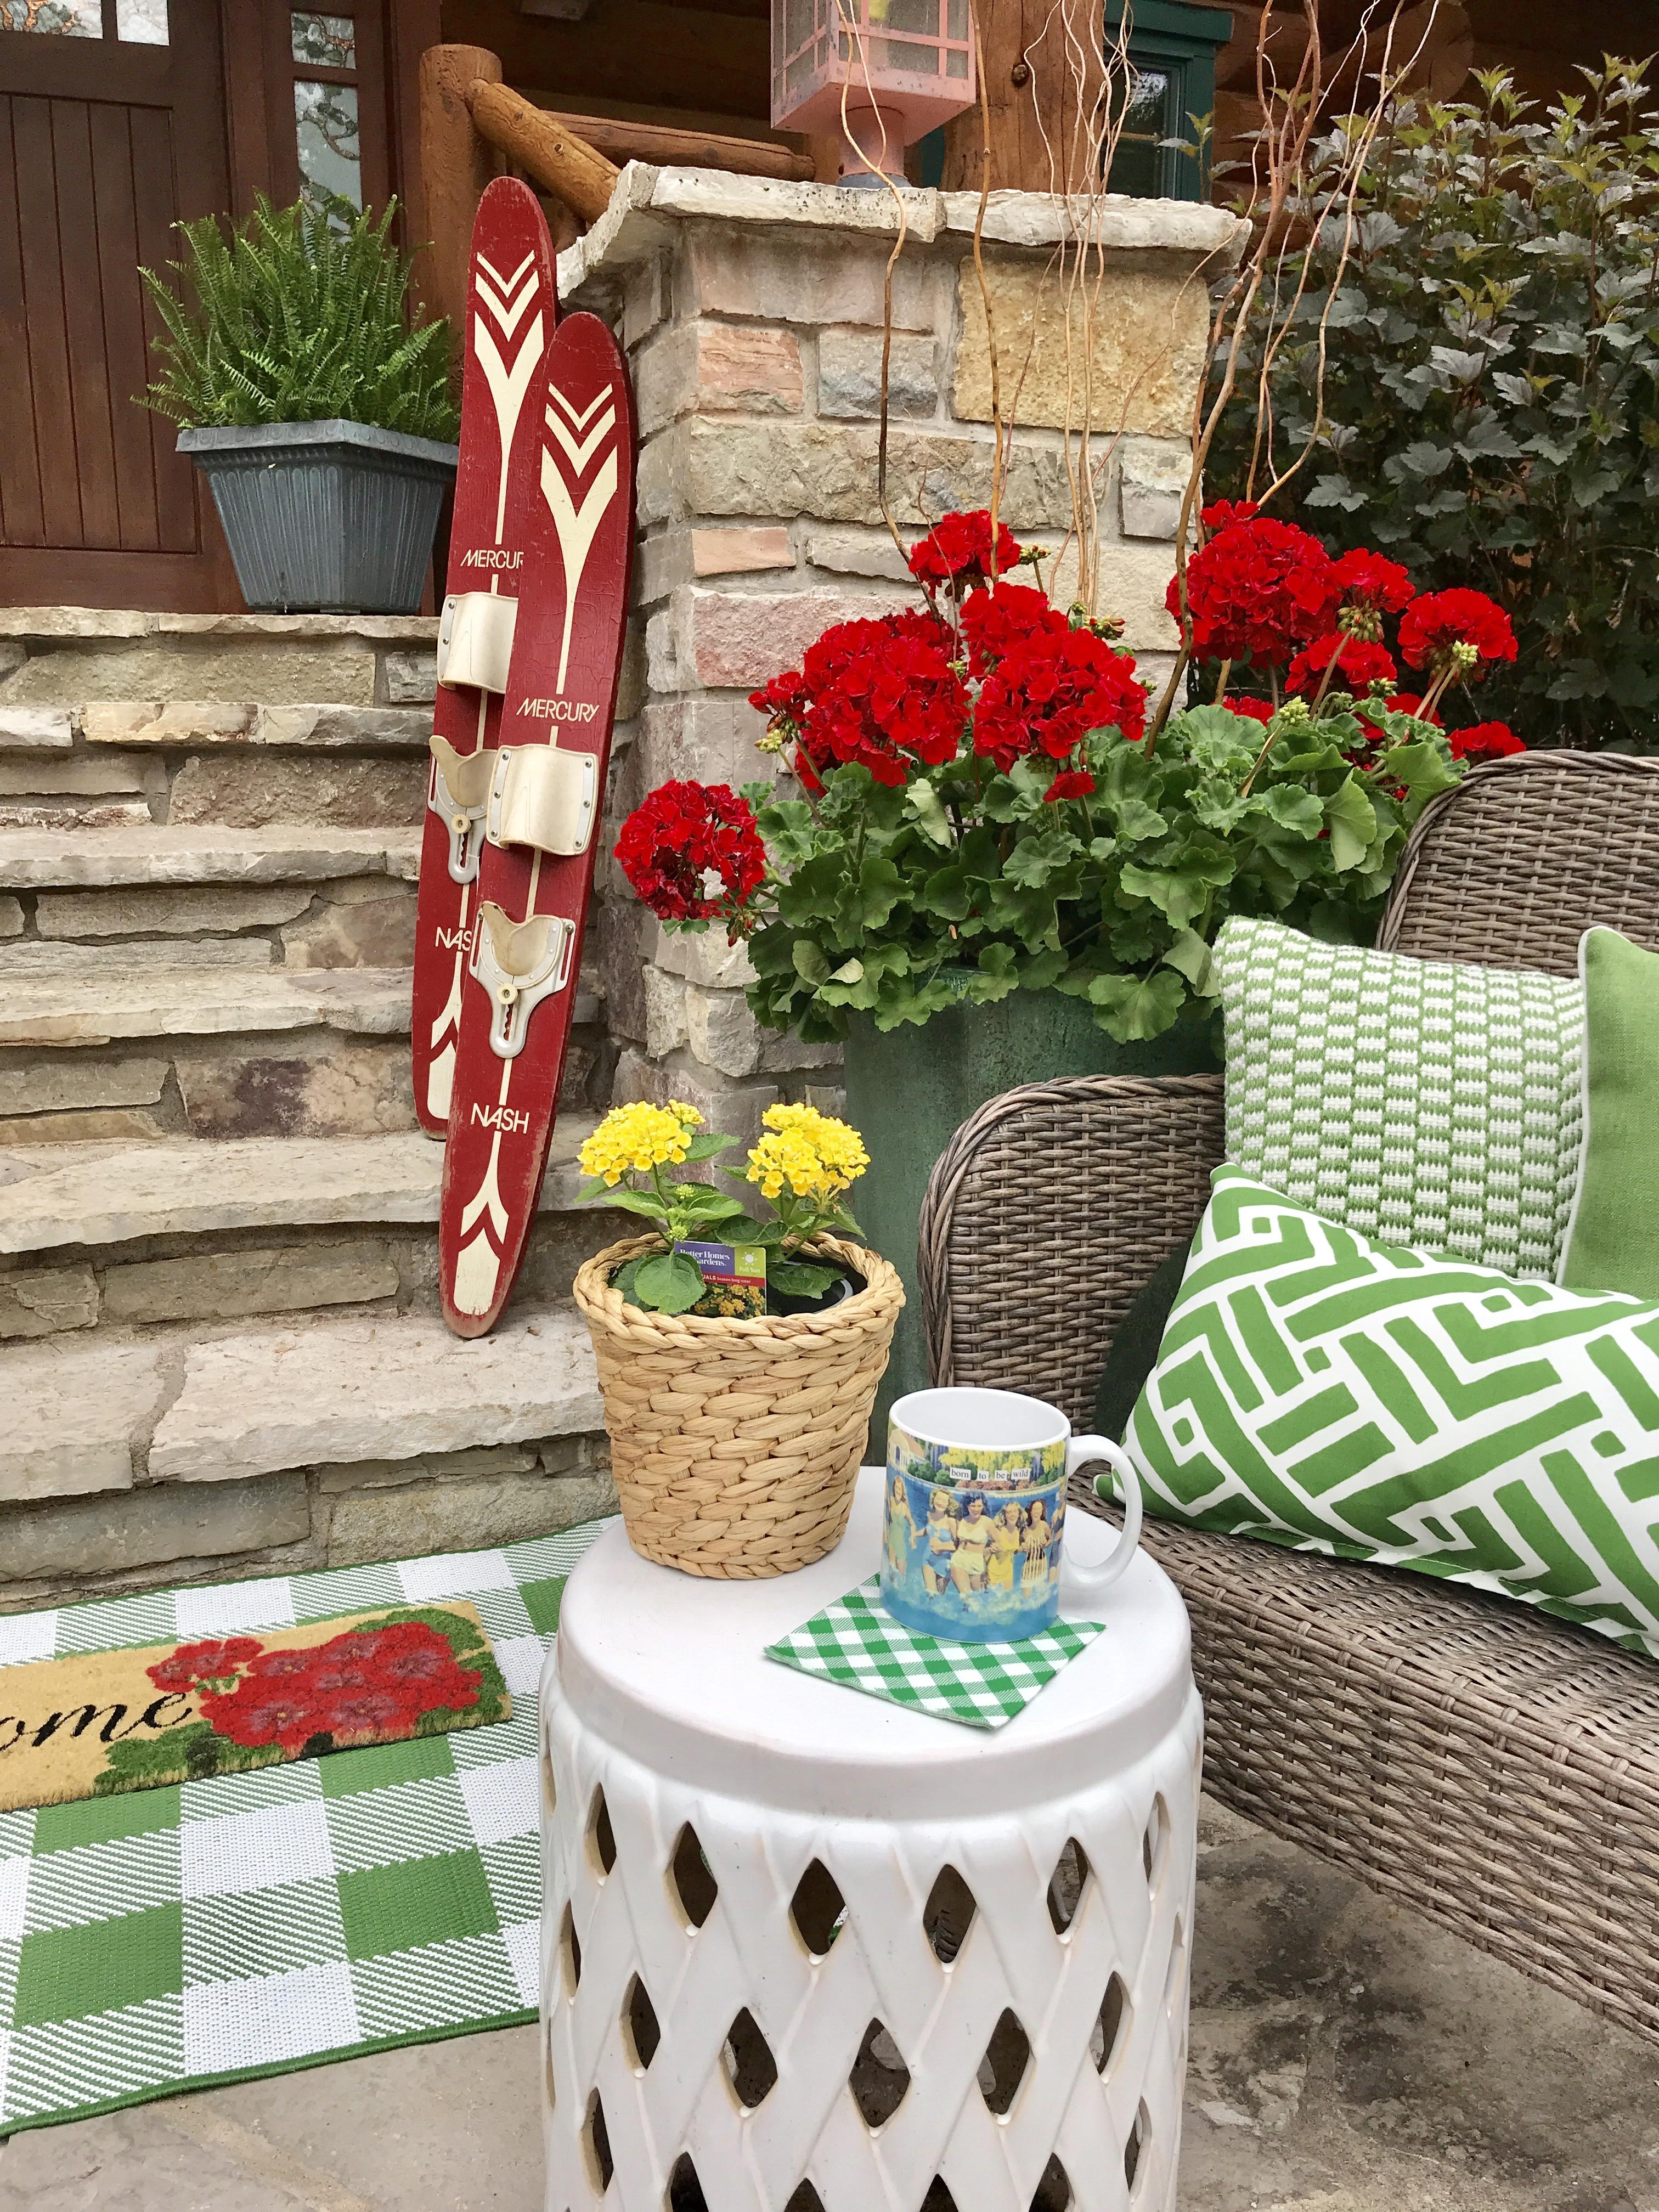 vintage skis, lake house, cabin decor, summer decor, porch decor, patio decor, geraniums